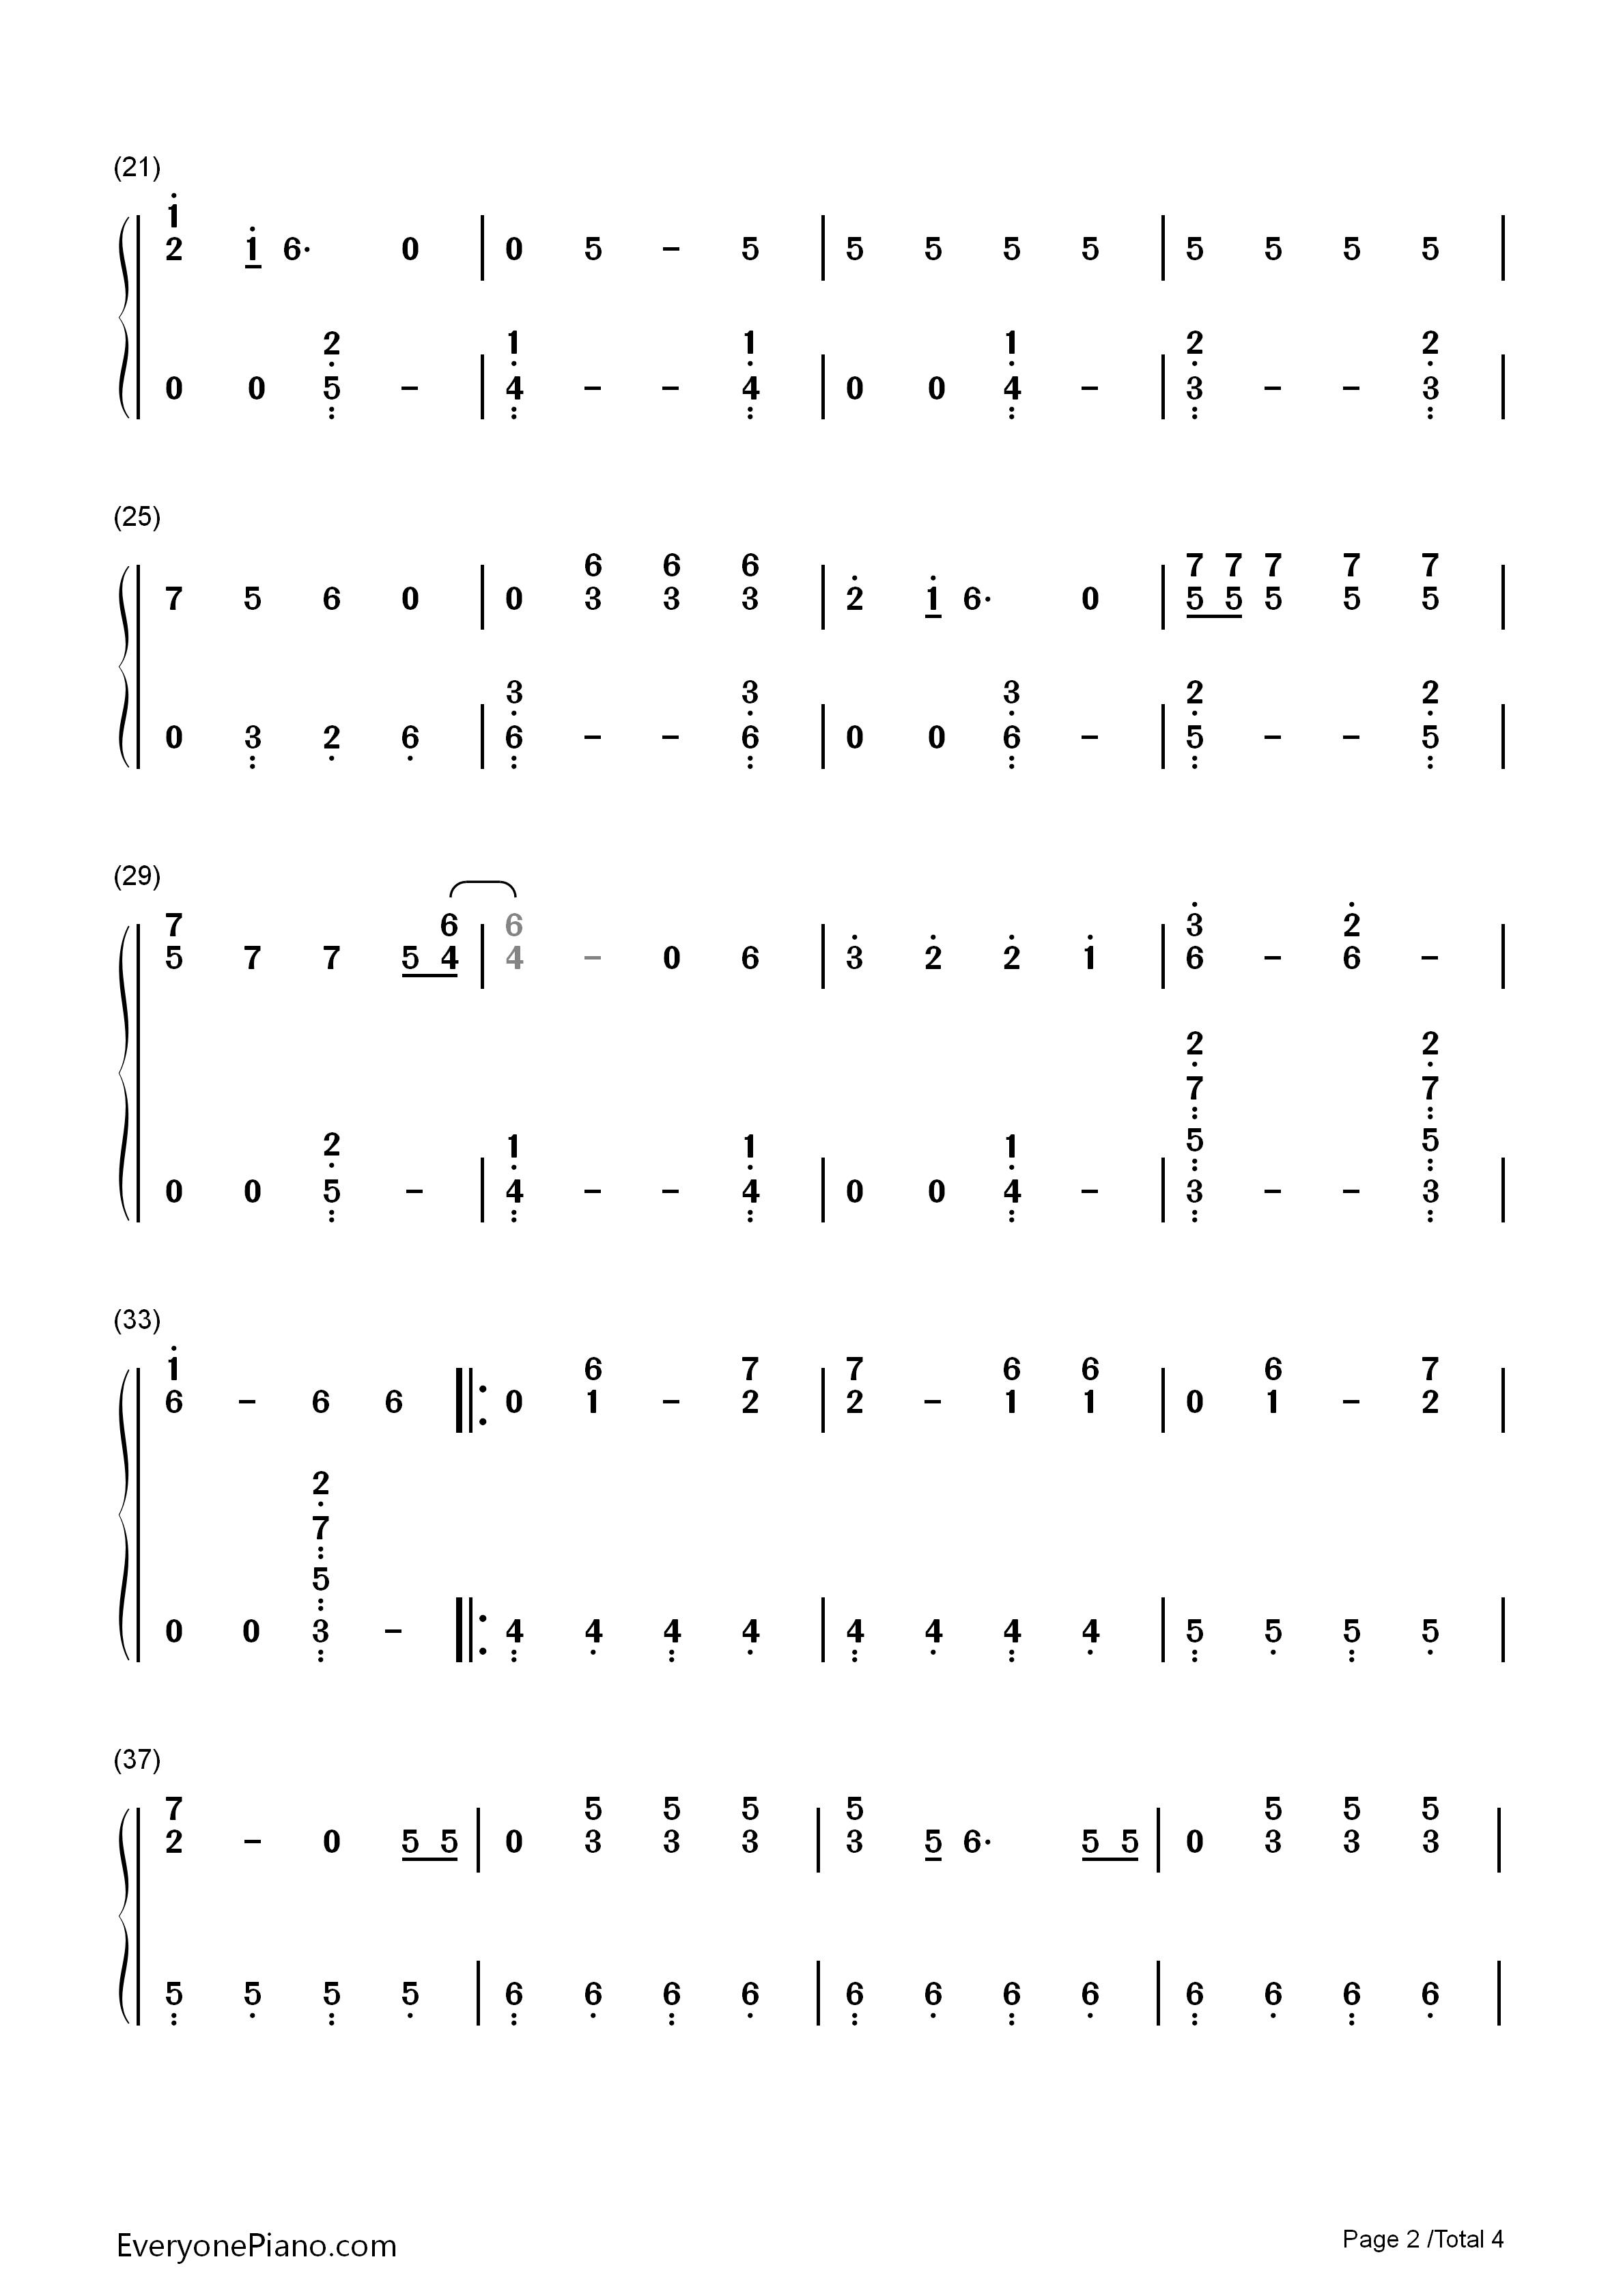 e Exo双手简谱预览2 钢琴谱文件 五线谱 双手简谱 数字谱 Midi PDF